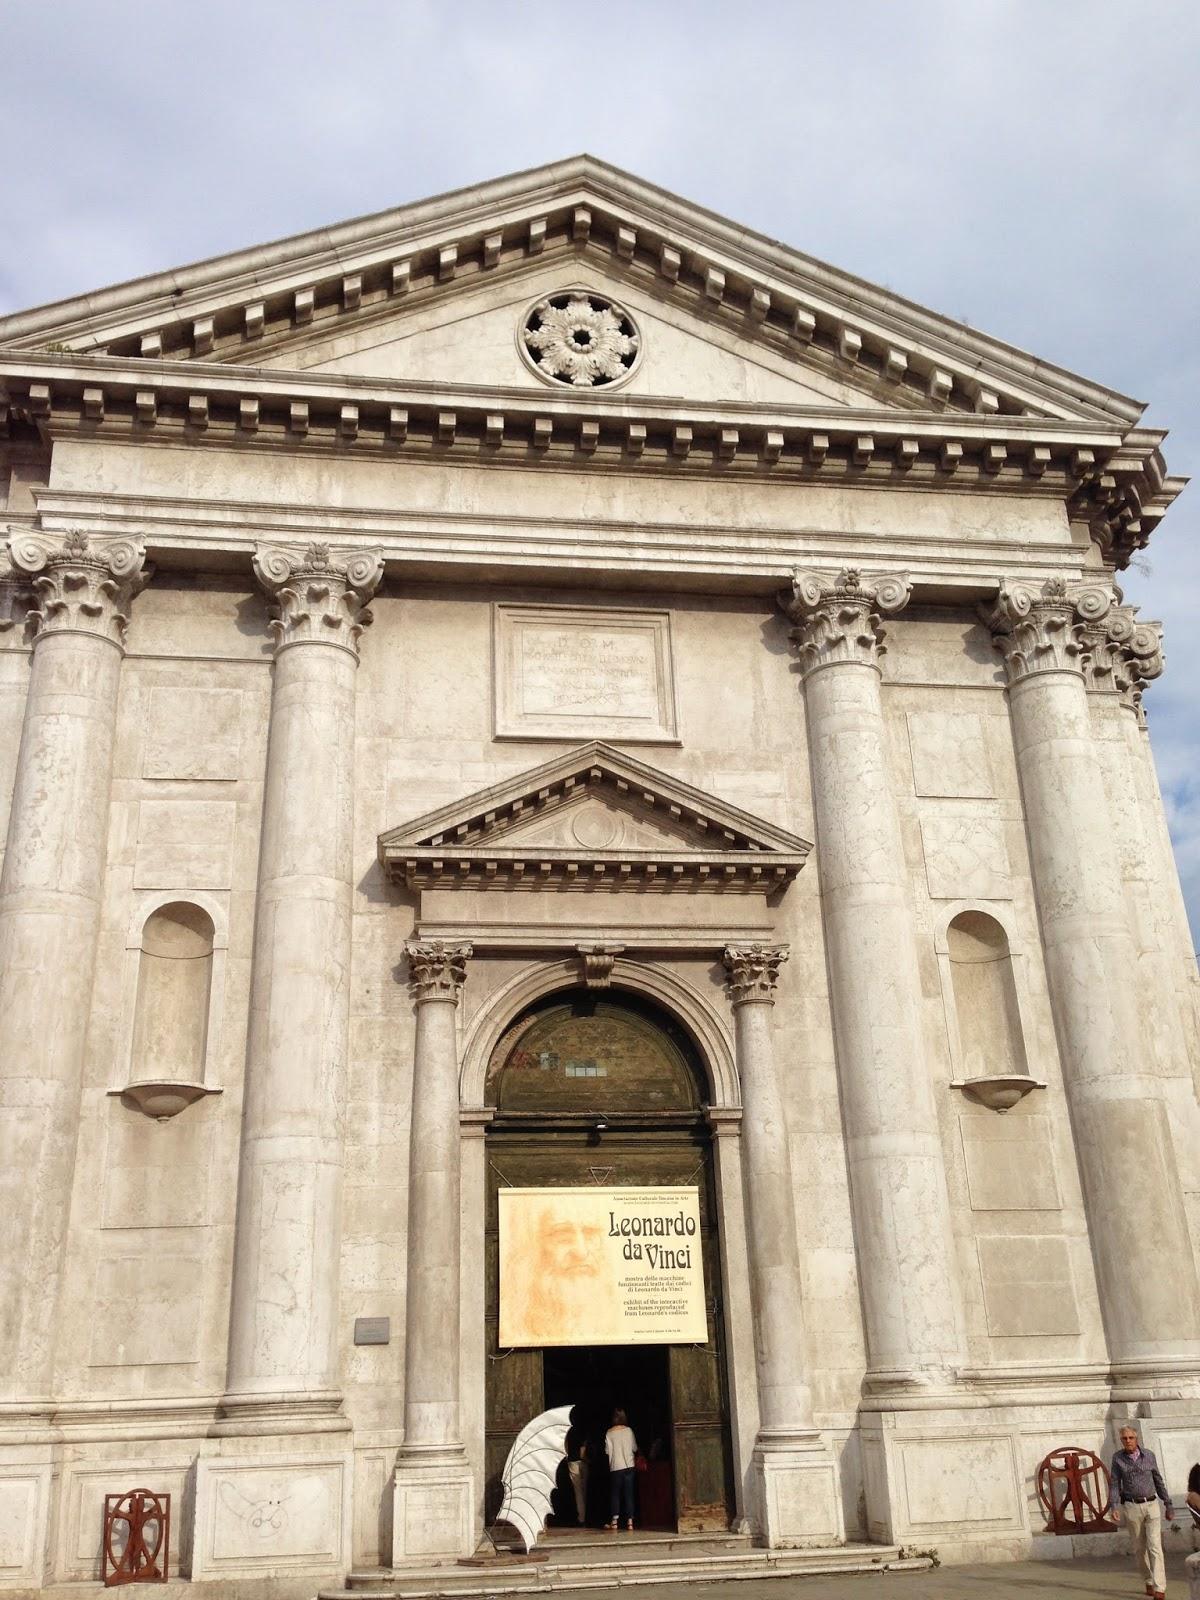 Iglesia de San Barnaba Venecia